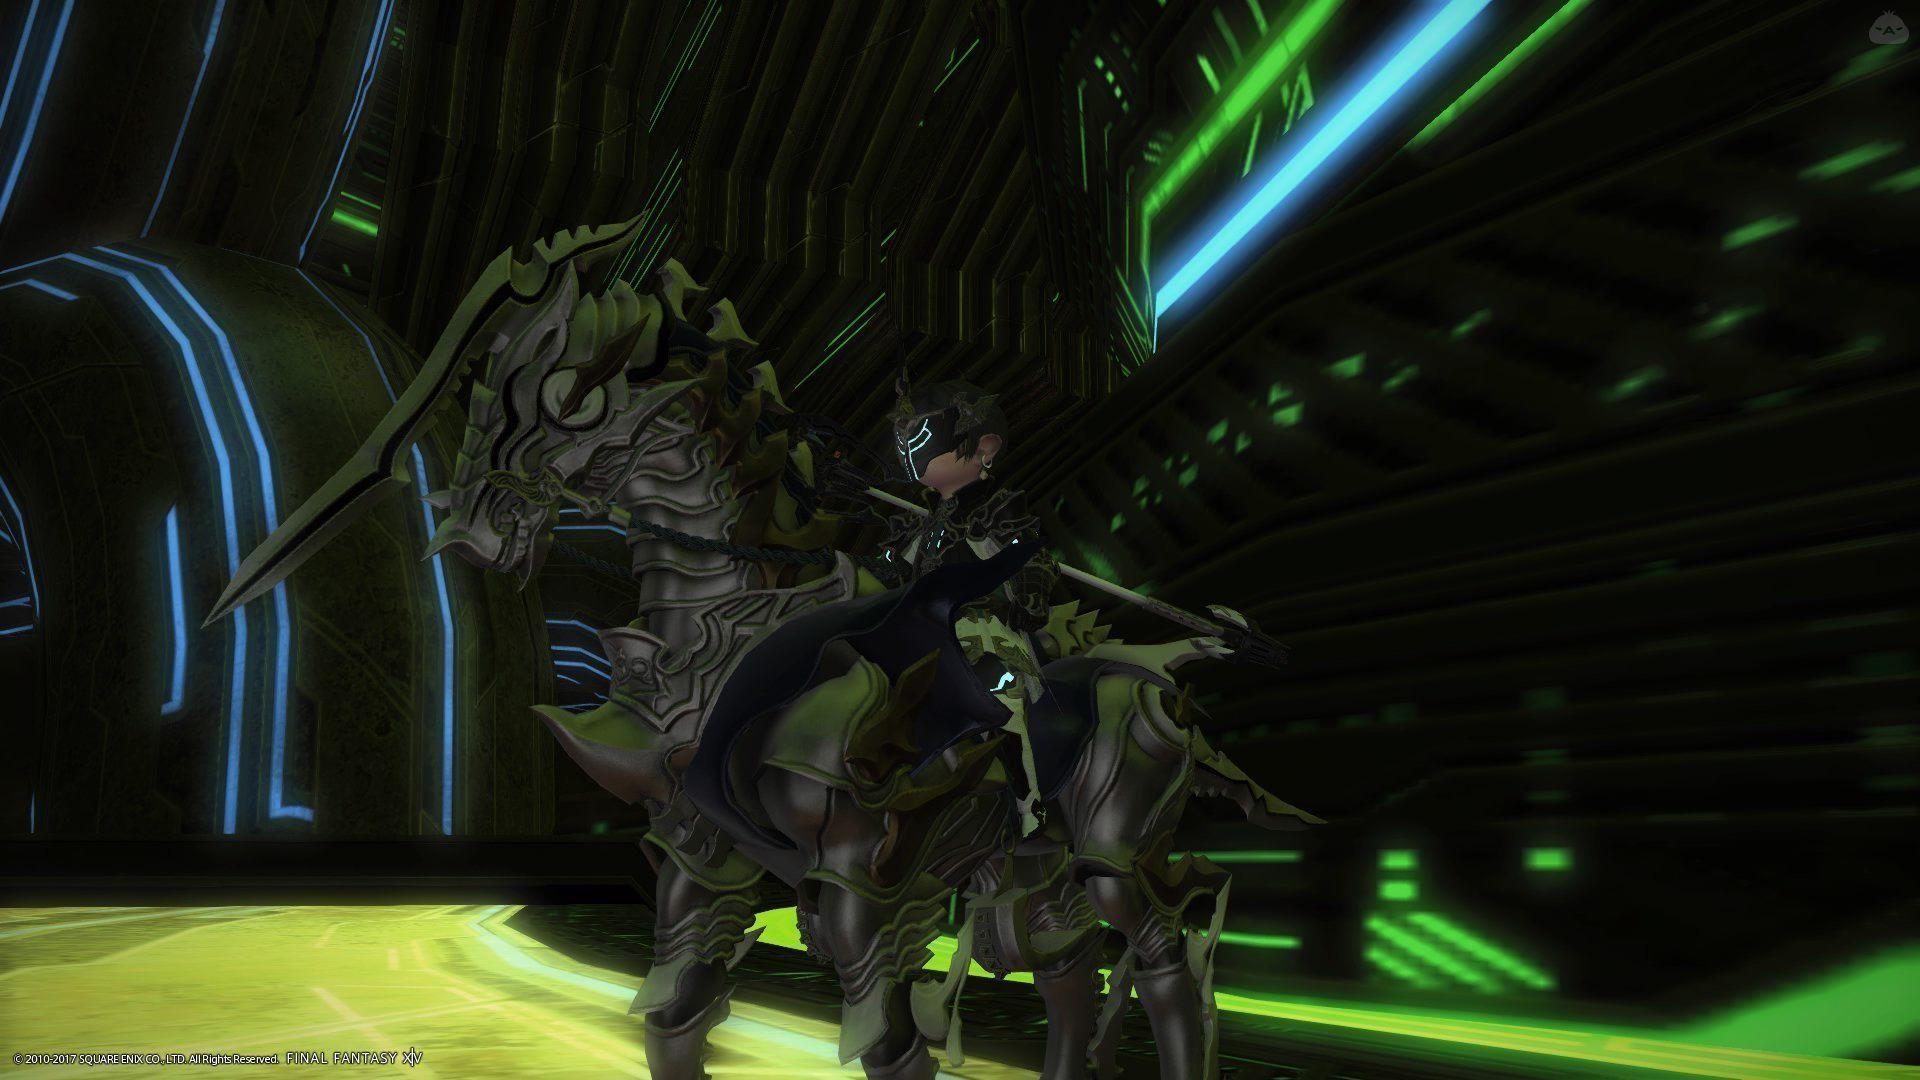 サイボーグ竜騎士、出陣